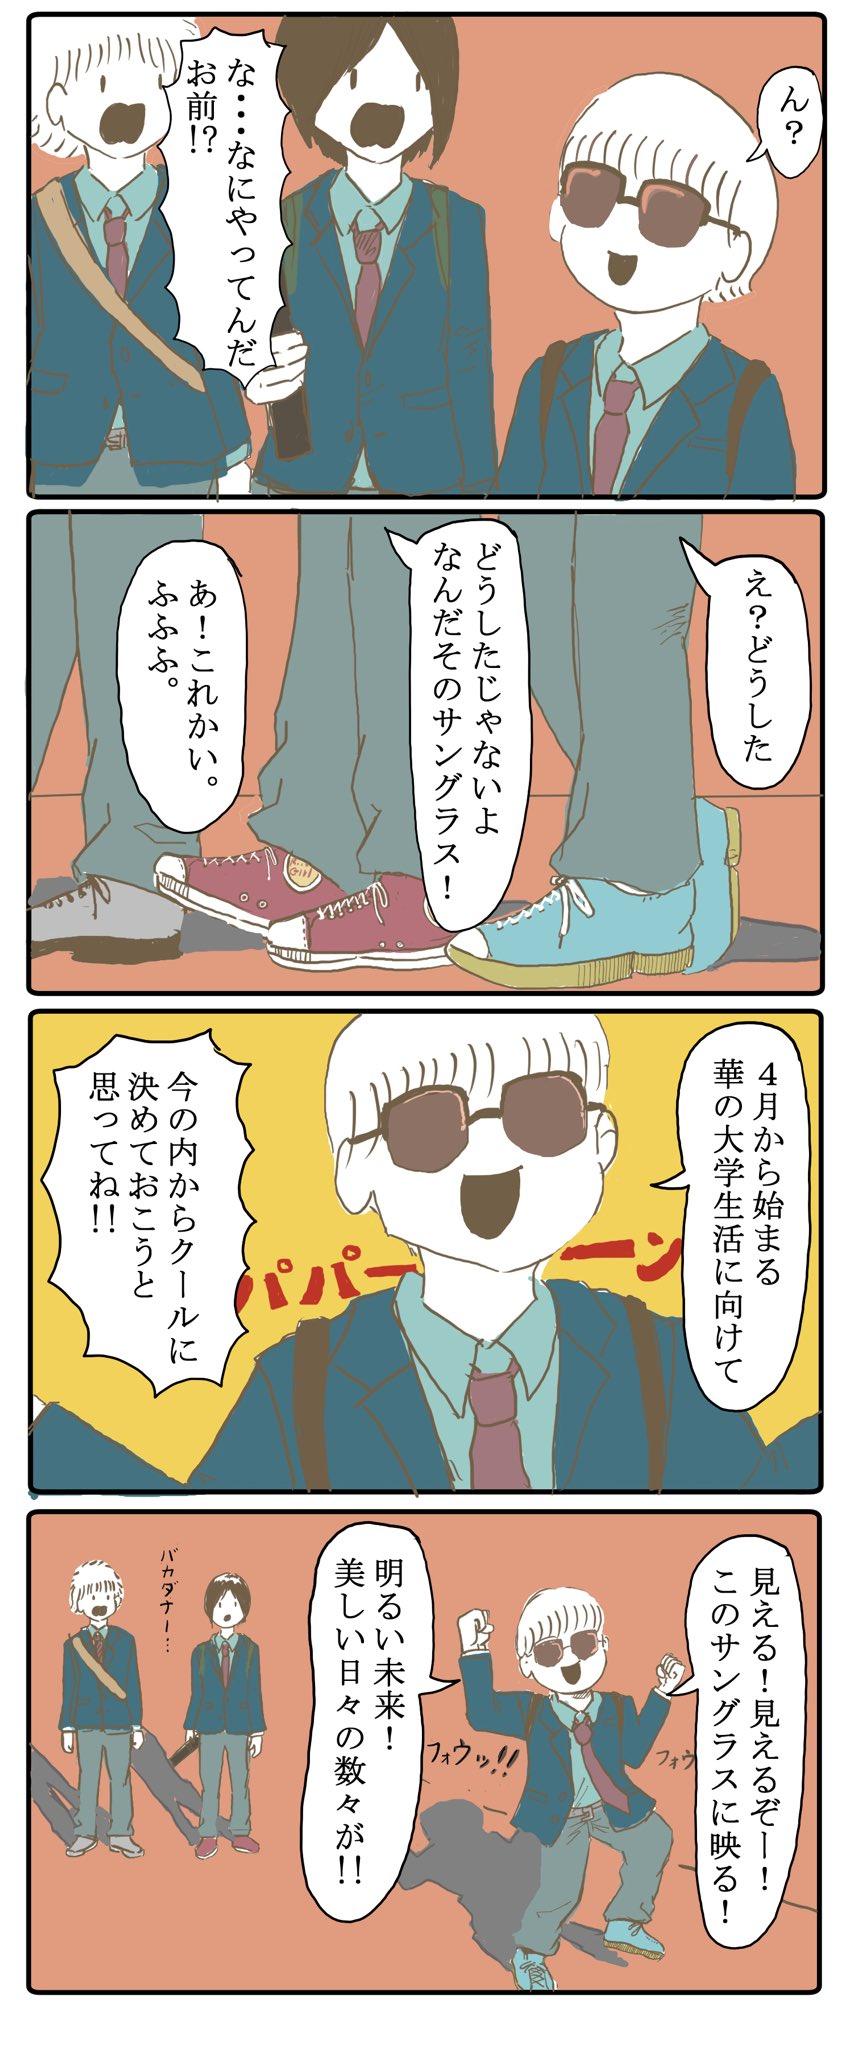 感動!!楽しかった高校生活からの卒業www男子高生3人組の友情に涙が...